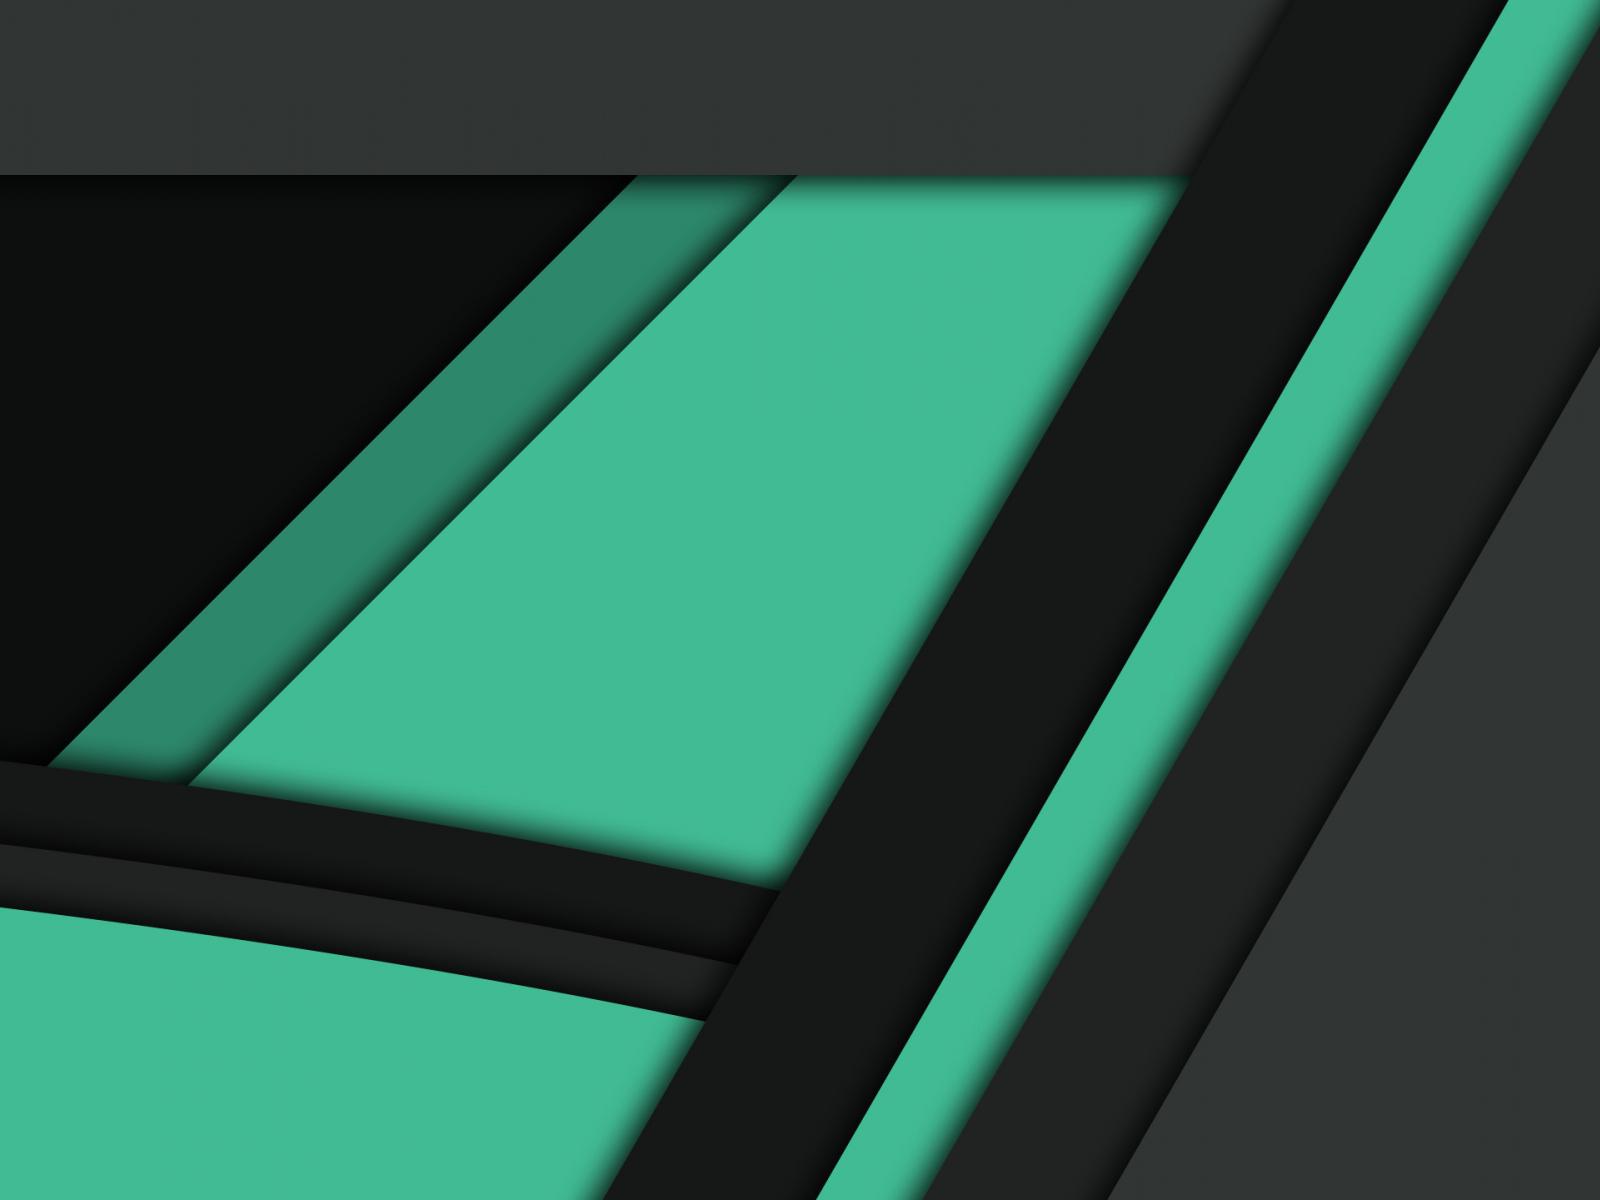 Desktop Wallpaper Black Green Material Design, Hd Image ...